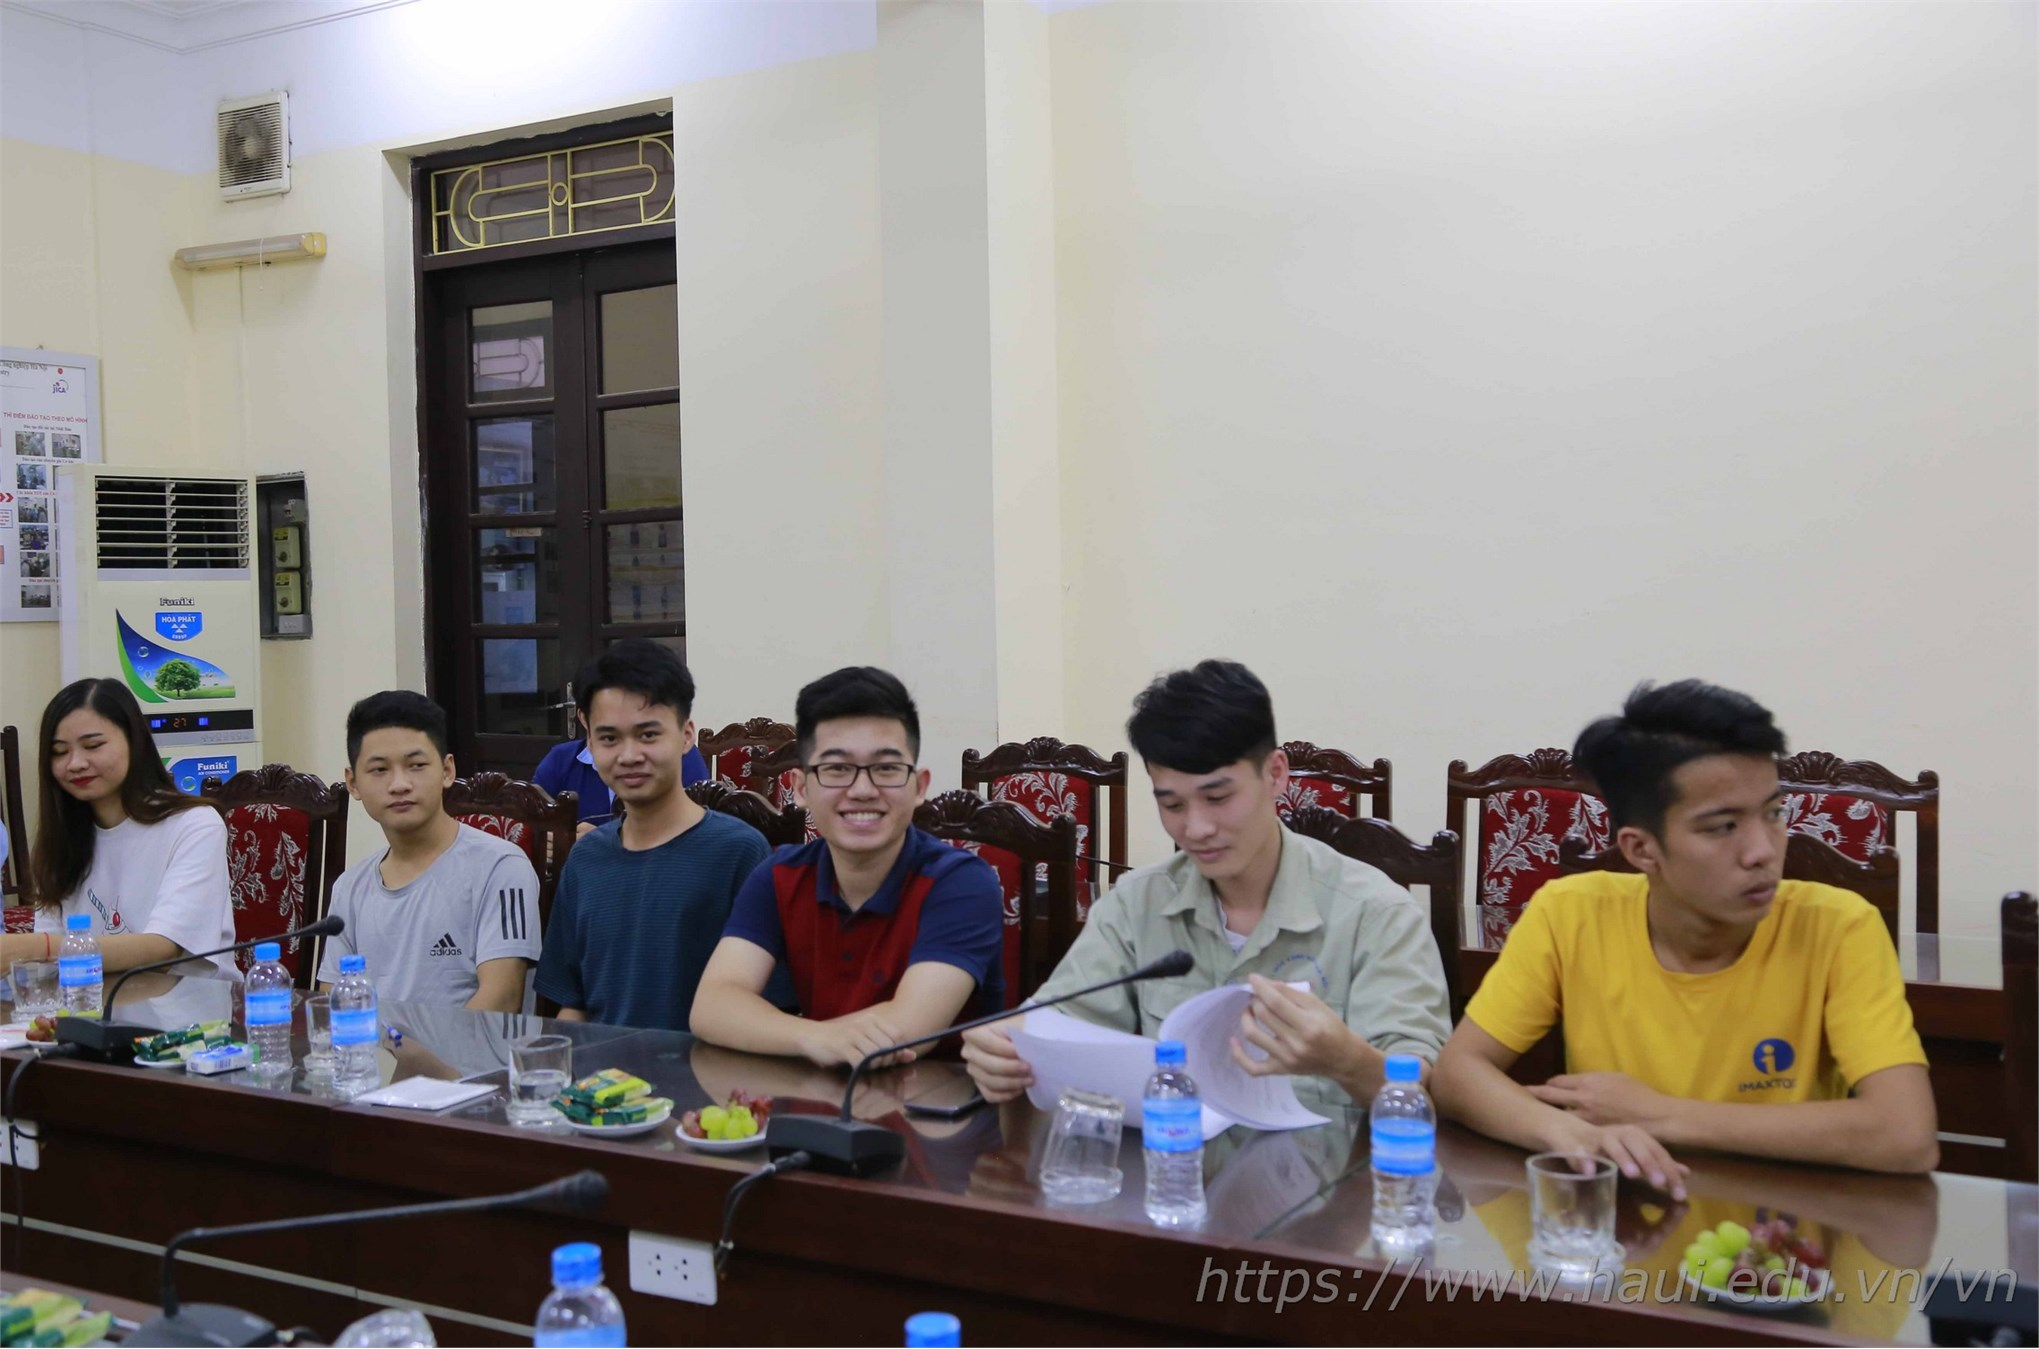 Các thí sinh của 9 nghề dự thi đã chuẩn bị sẵn sàng